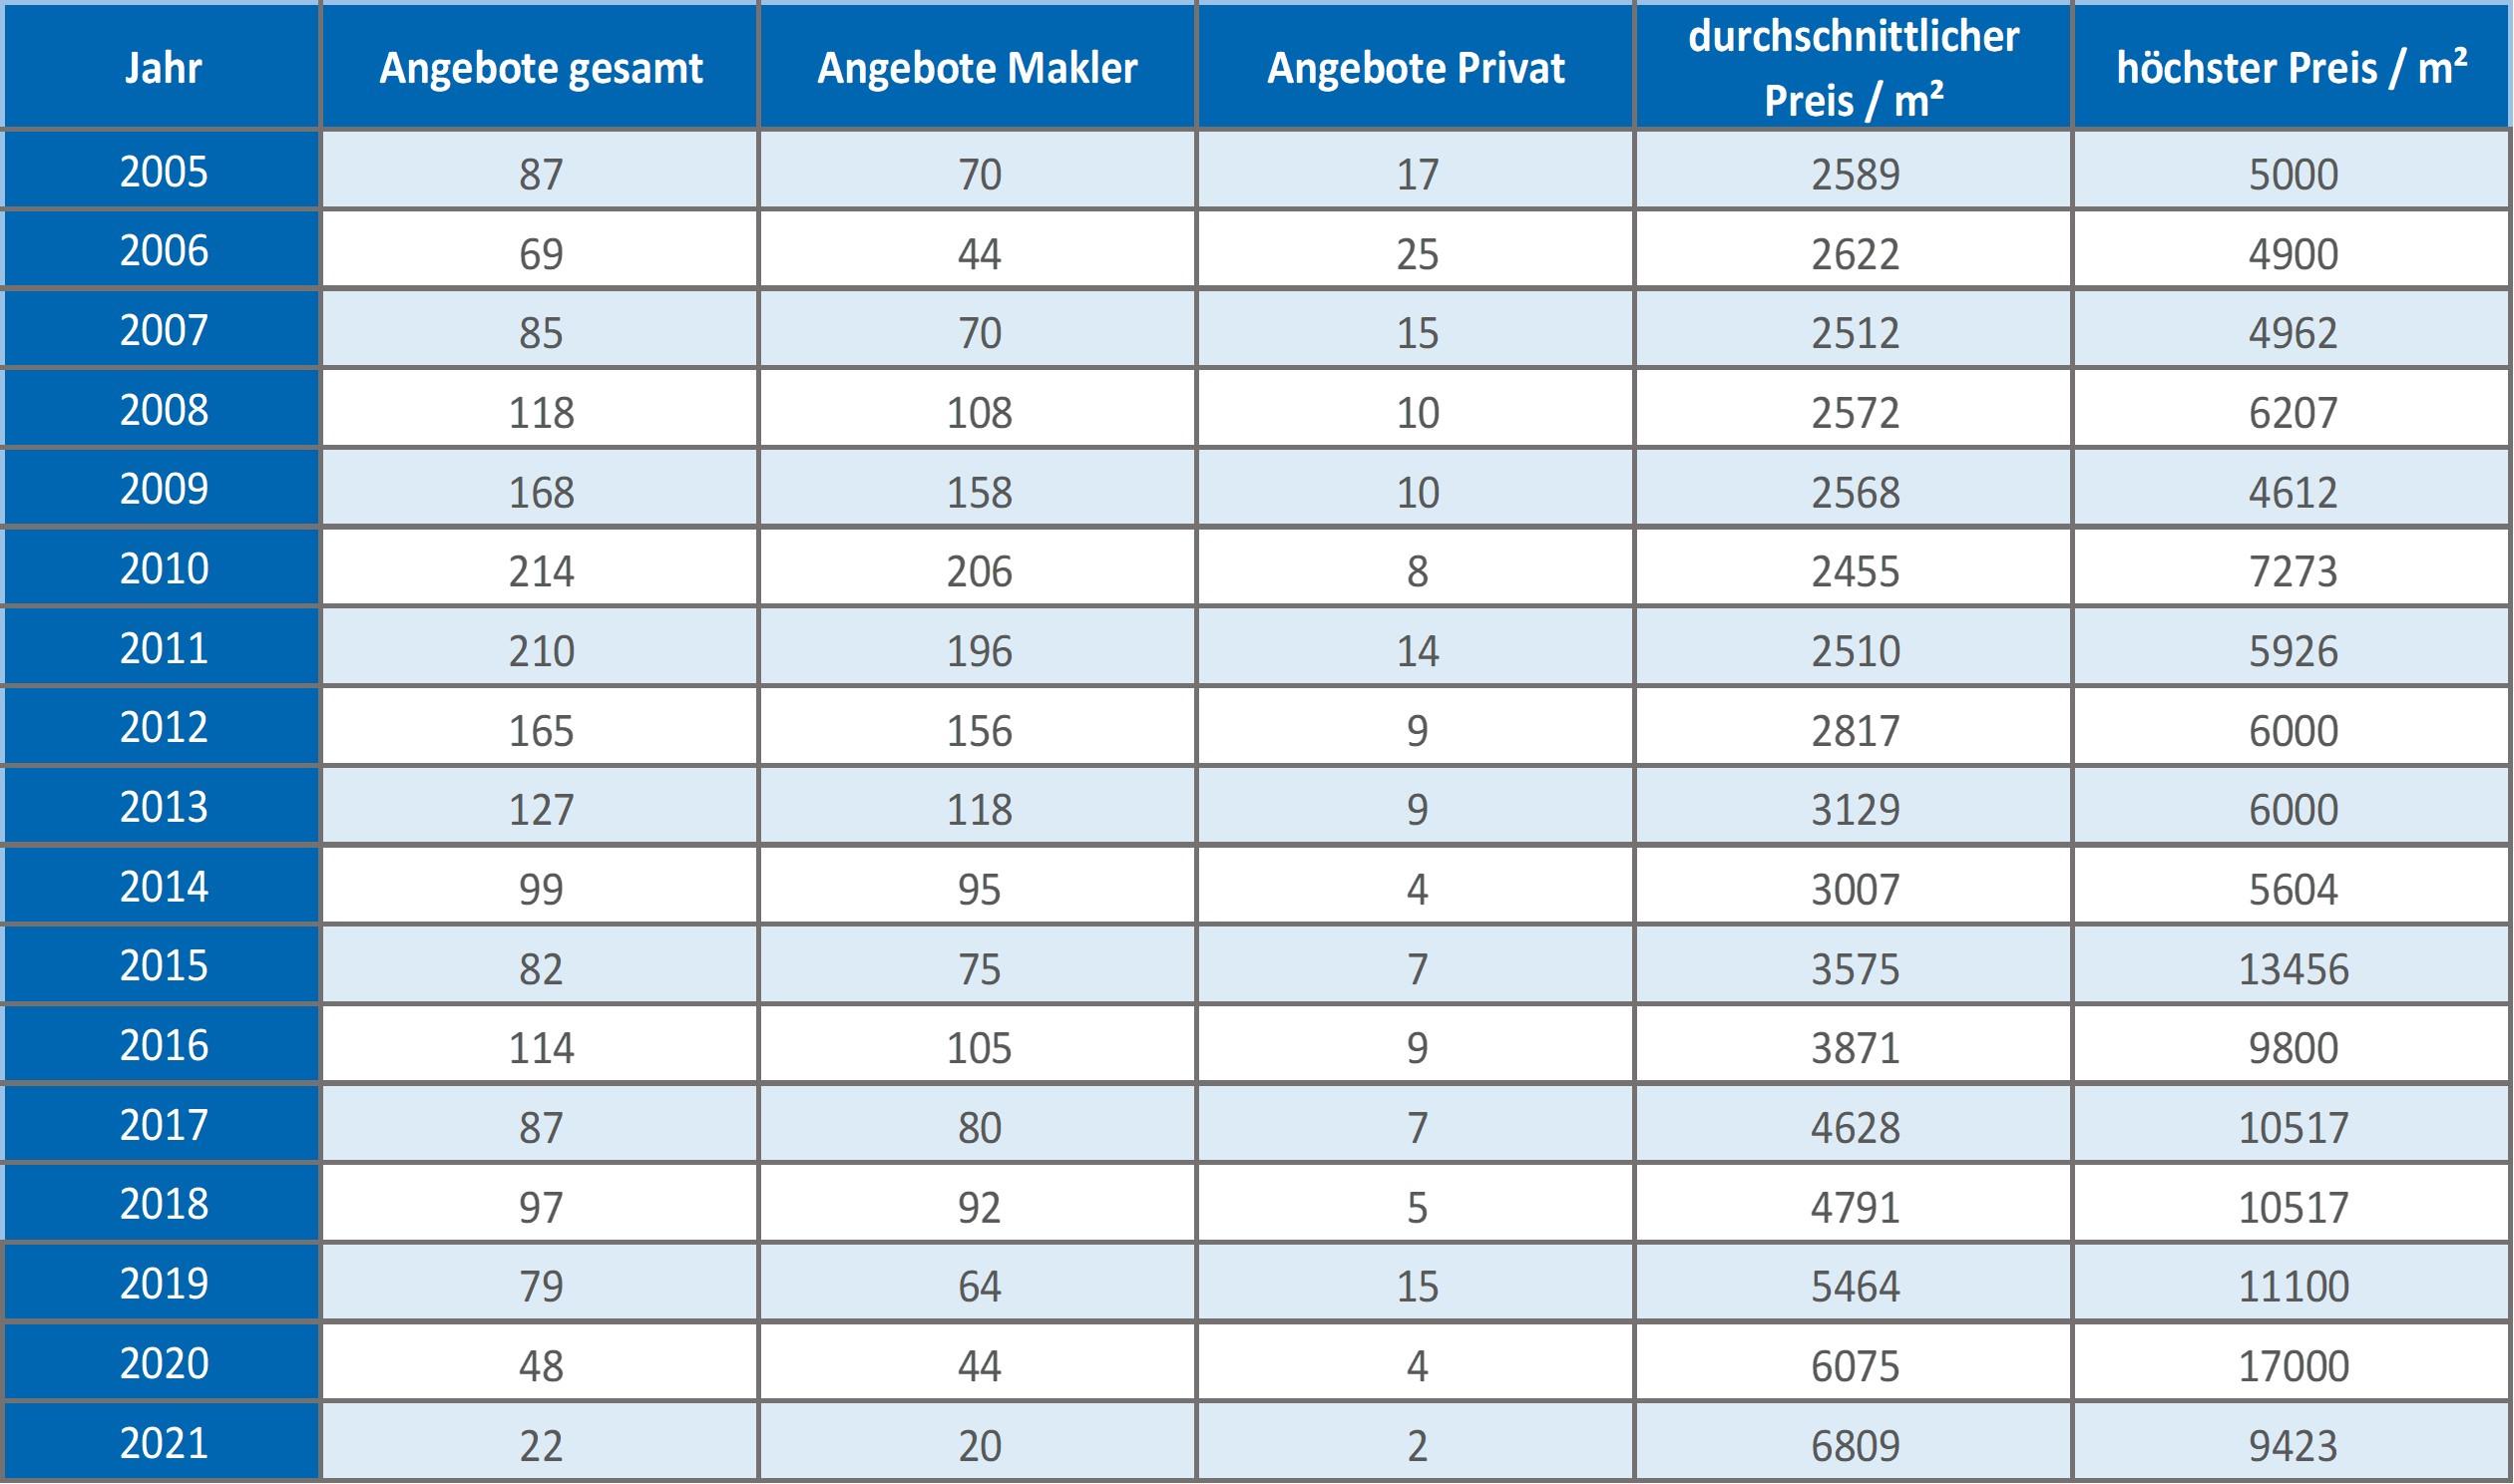 Feldkirchen-Westerham Haus kaufen verkaufen Preis Bewertung 2019 2020 2021  Makler www.happy-immo.de